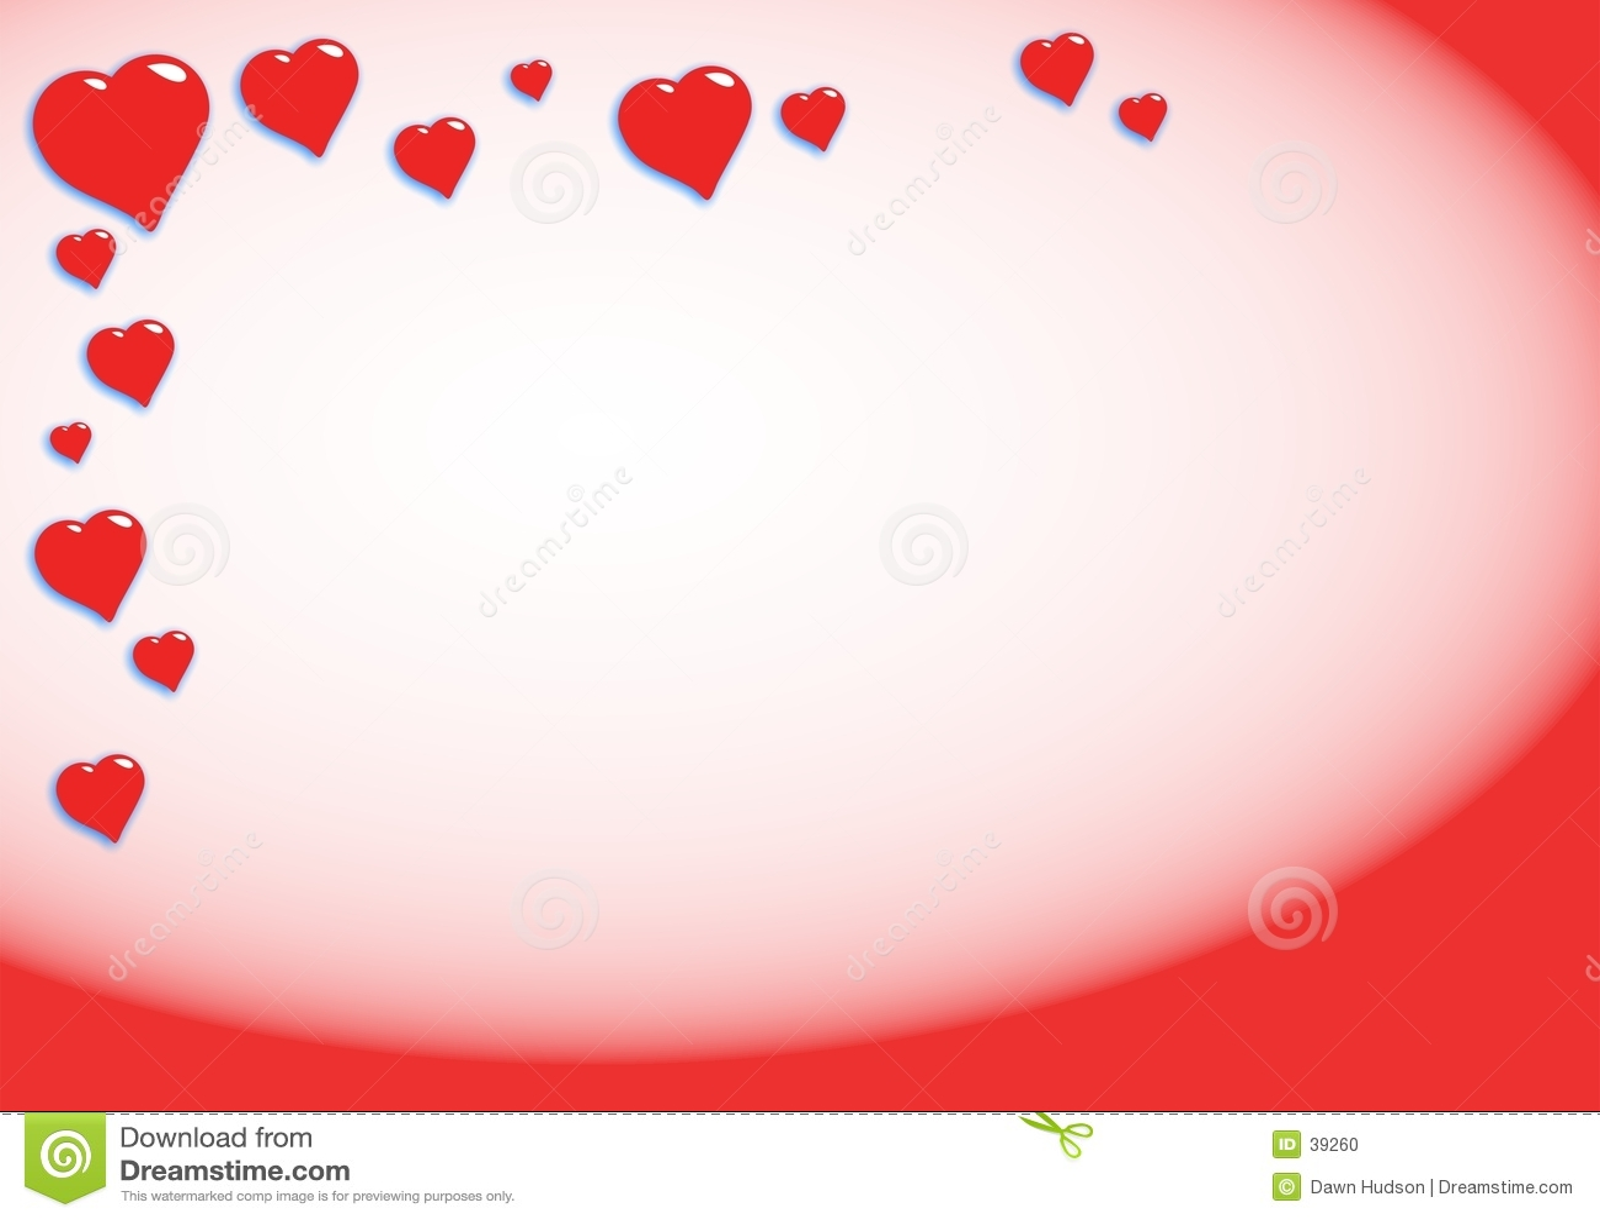 Download Fondo de los corazones stock de ilustración. Ilustración de amor - 39260